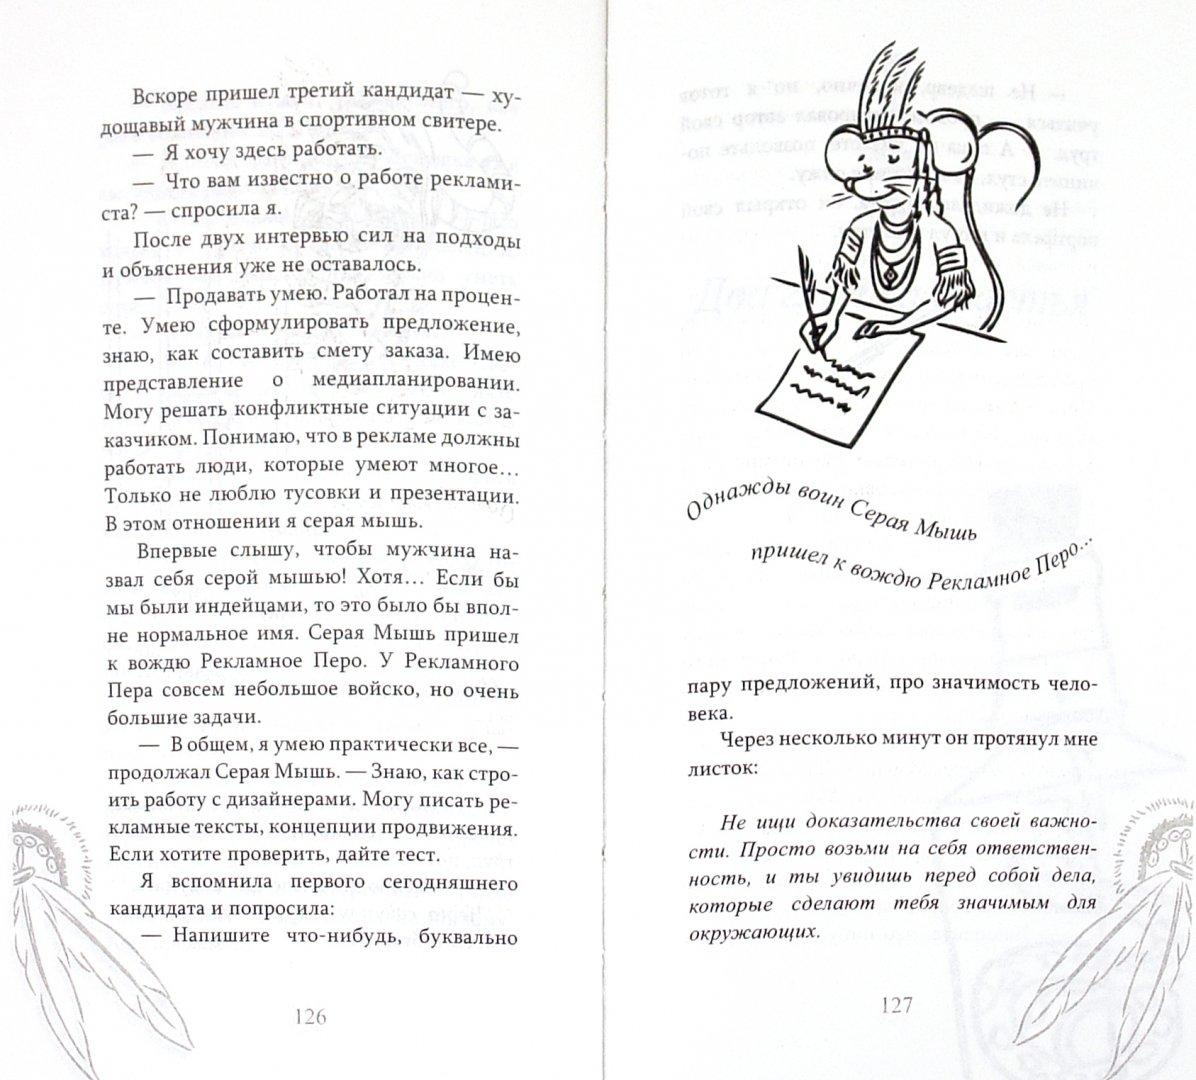 Иллюстрация 1 из 4 для Свежий взгляд, или В Париже уже весна - Юлия Меньшикова | Лабиринт - книги. Источник: Лабиринт